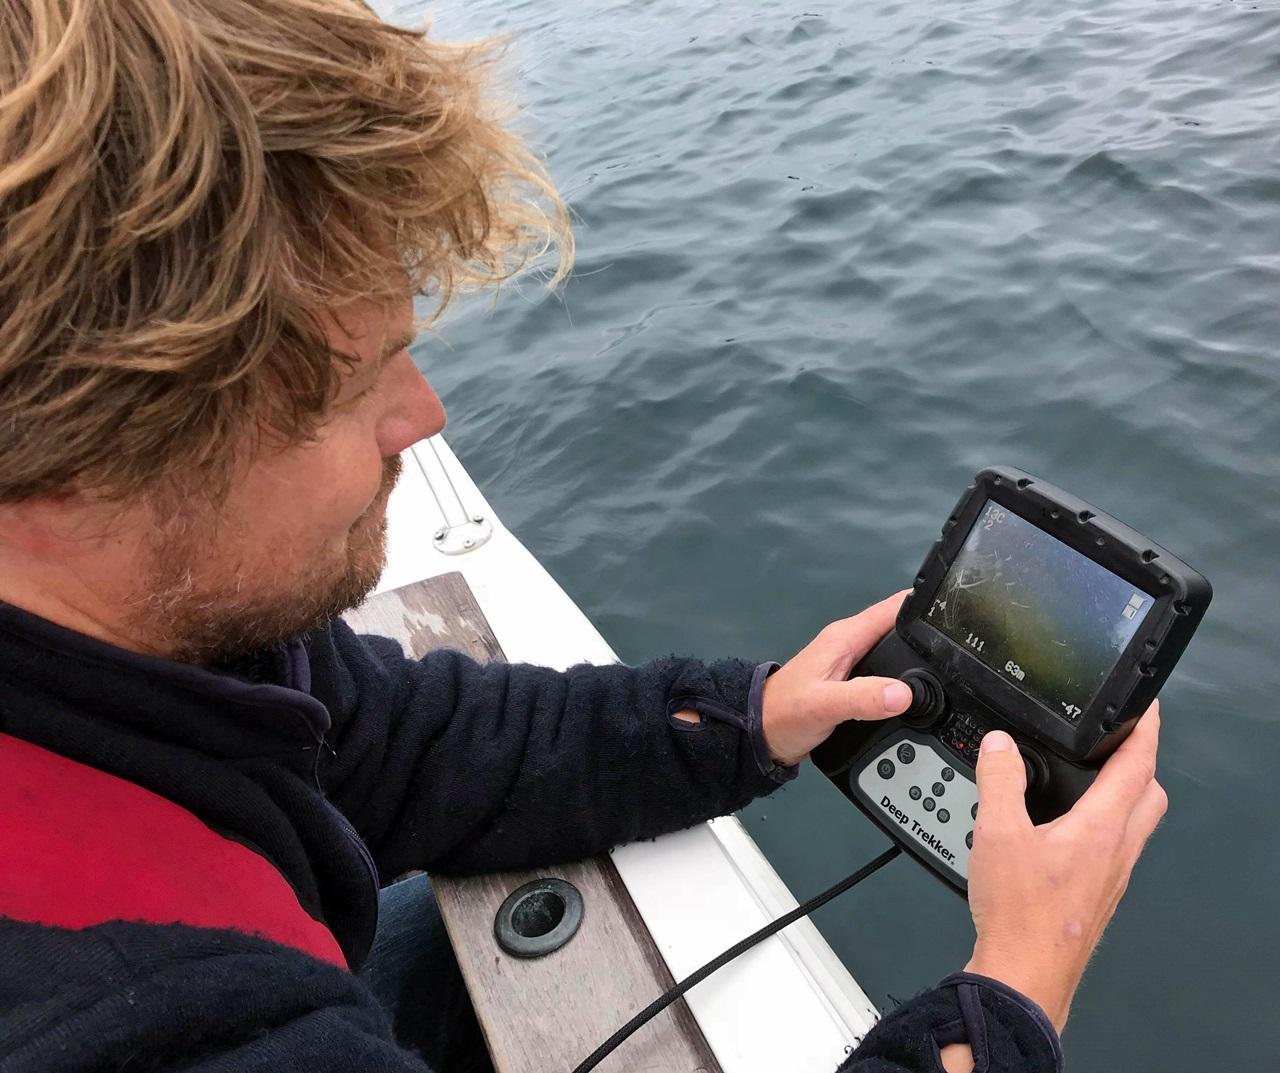 dronen følges på skjerm fra båt